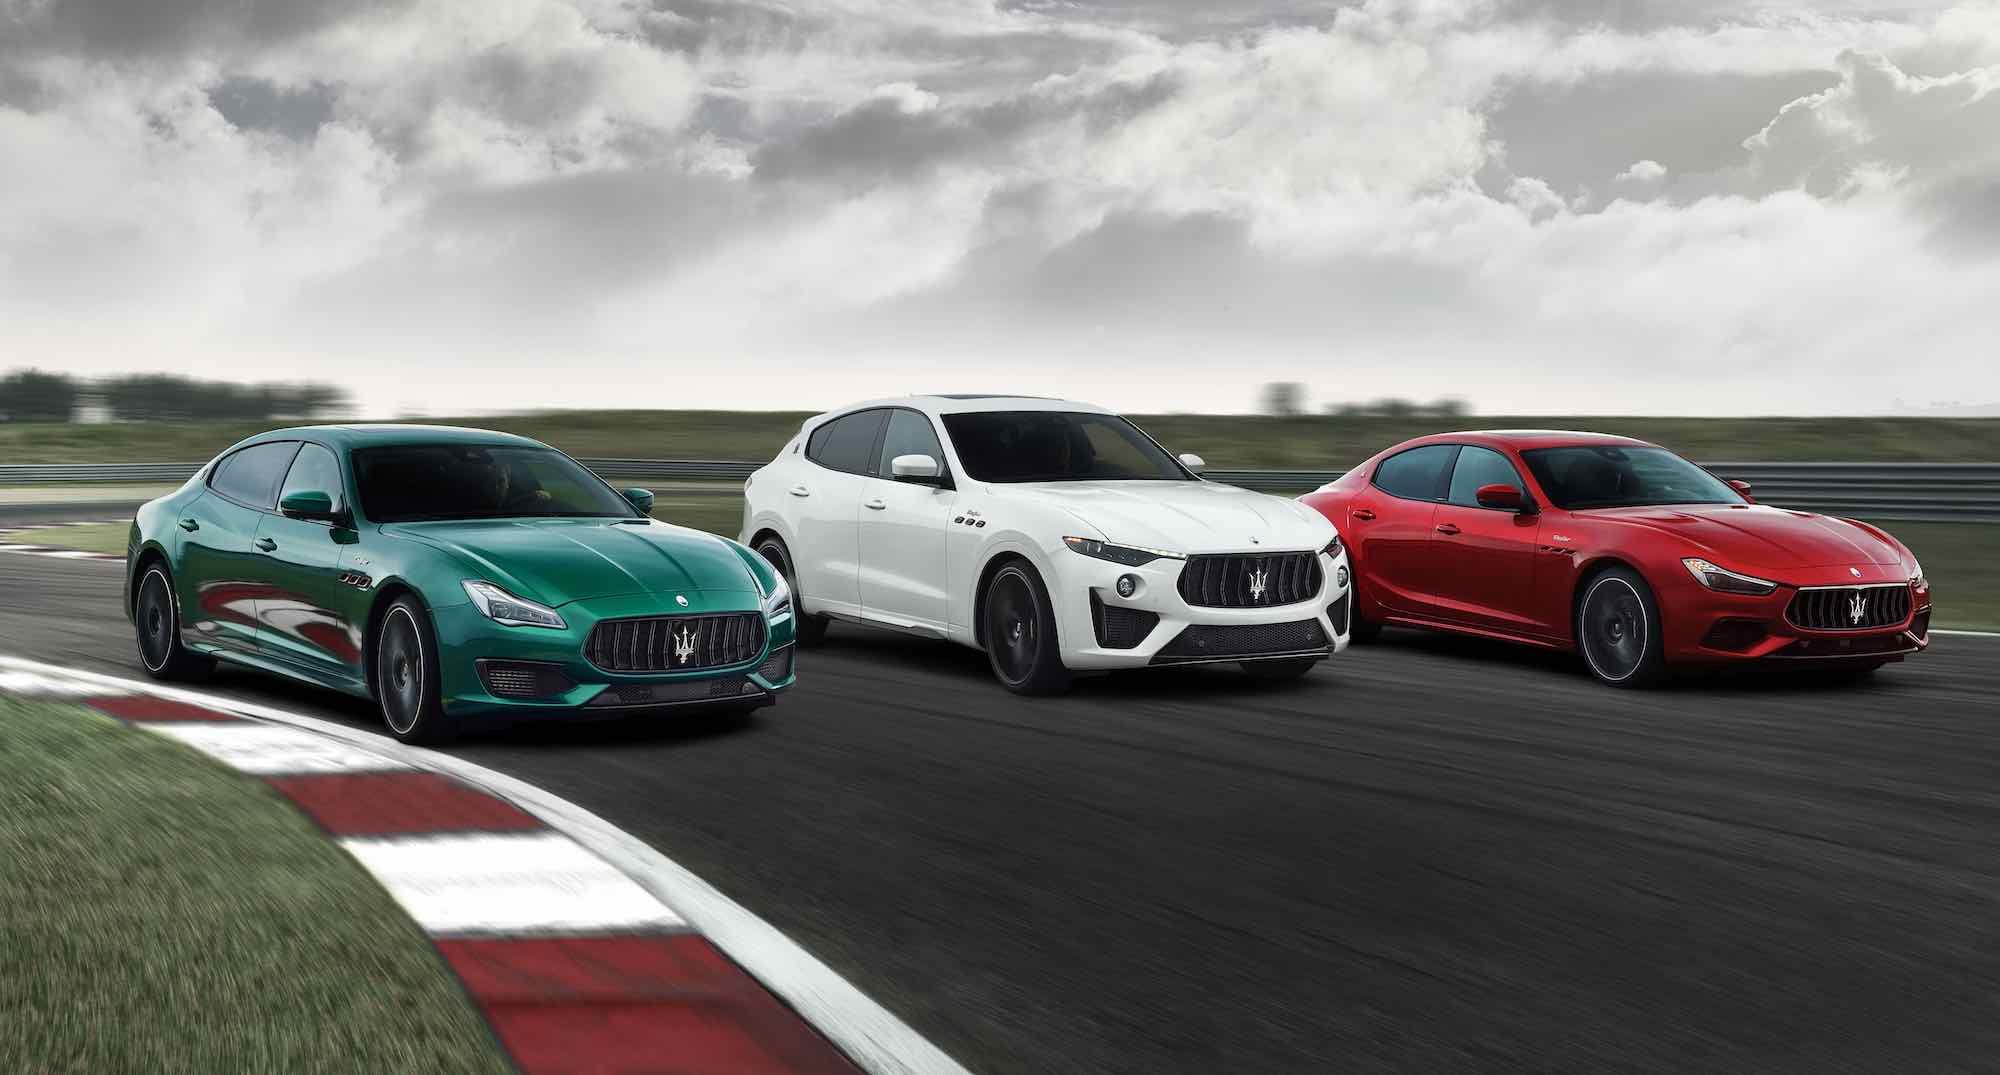 Xe Maserati Trofeo Ghibli, Levante, Quattroporte  Động cơ V8 Giá bao nhiêu Tiền Khi Nhập Khẩu Về Việt nam, Maserati 4 và 5 chỗ đời mới nhất có gì đặc biệt